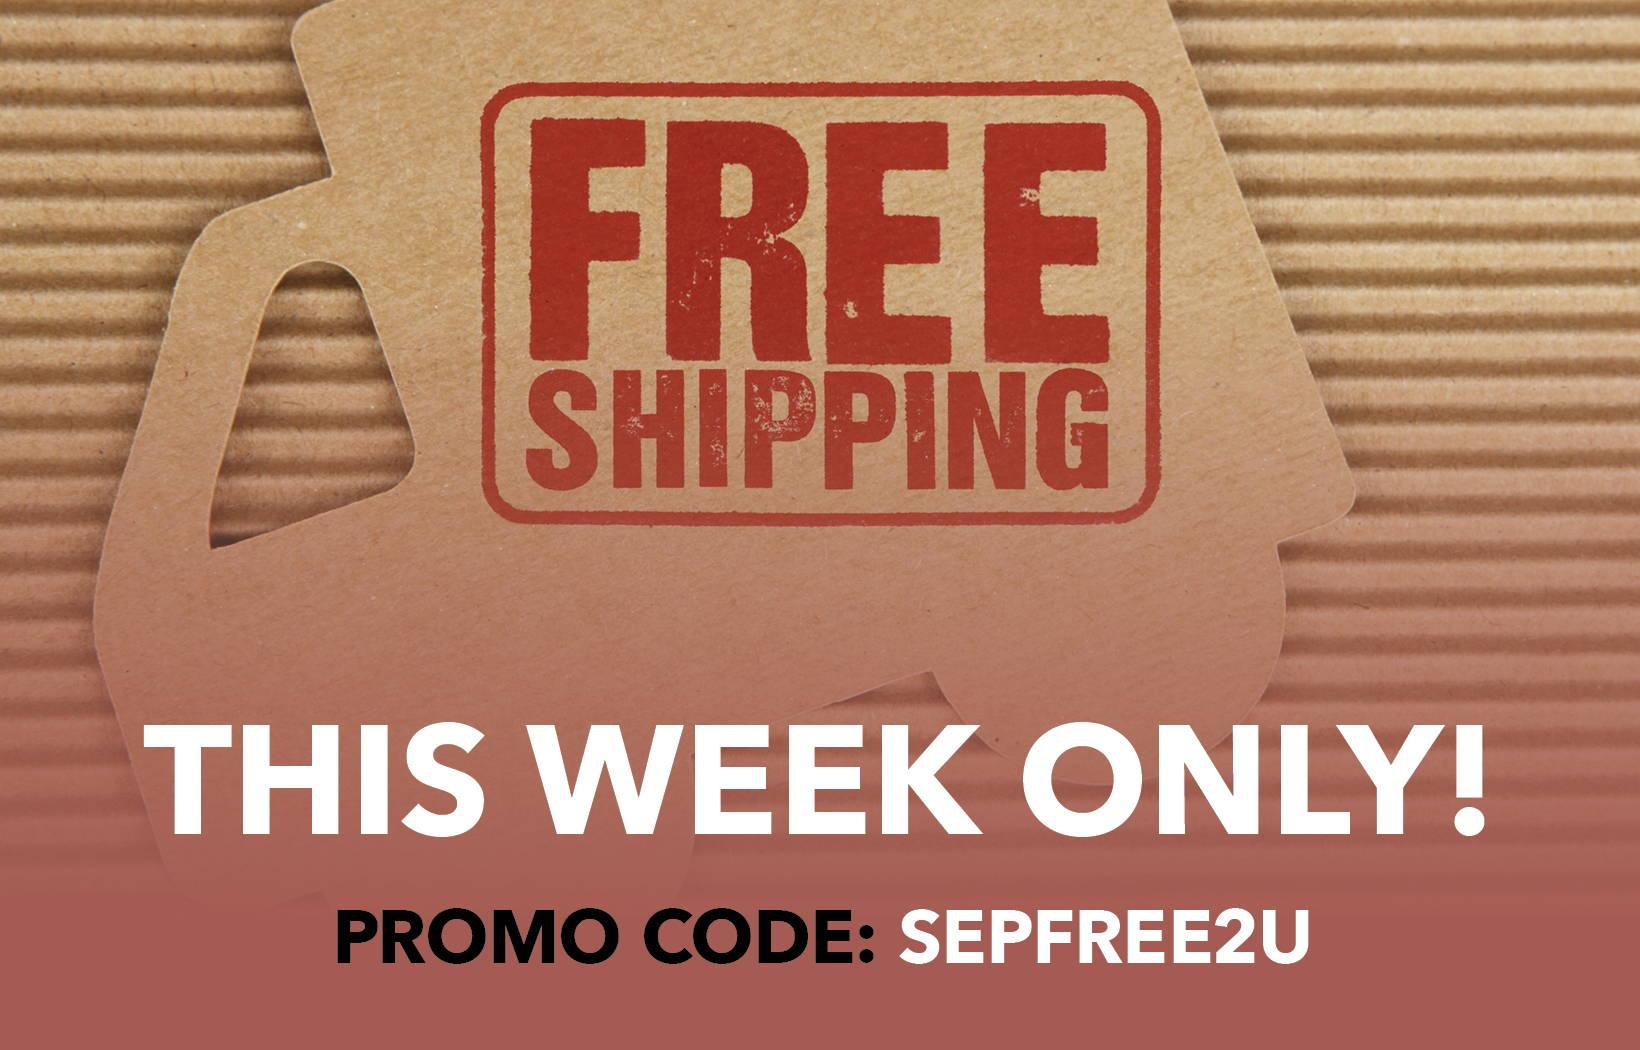 Free Shipping Week - Promo code SEPFREE2U